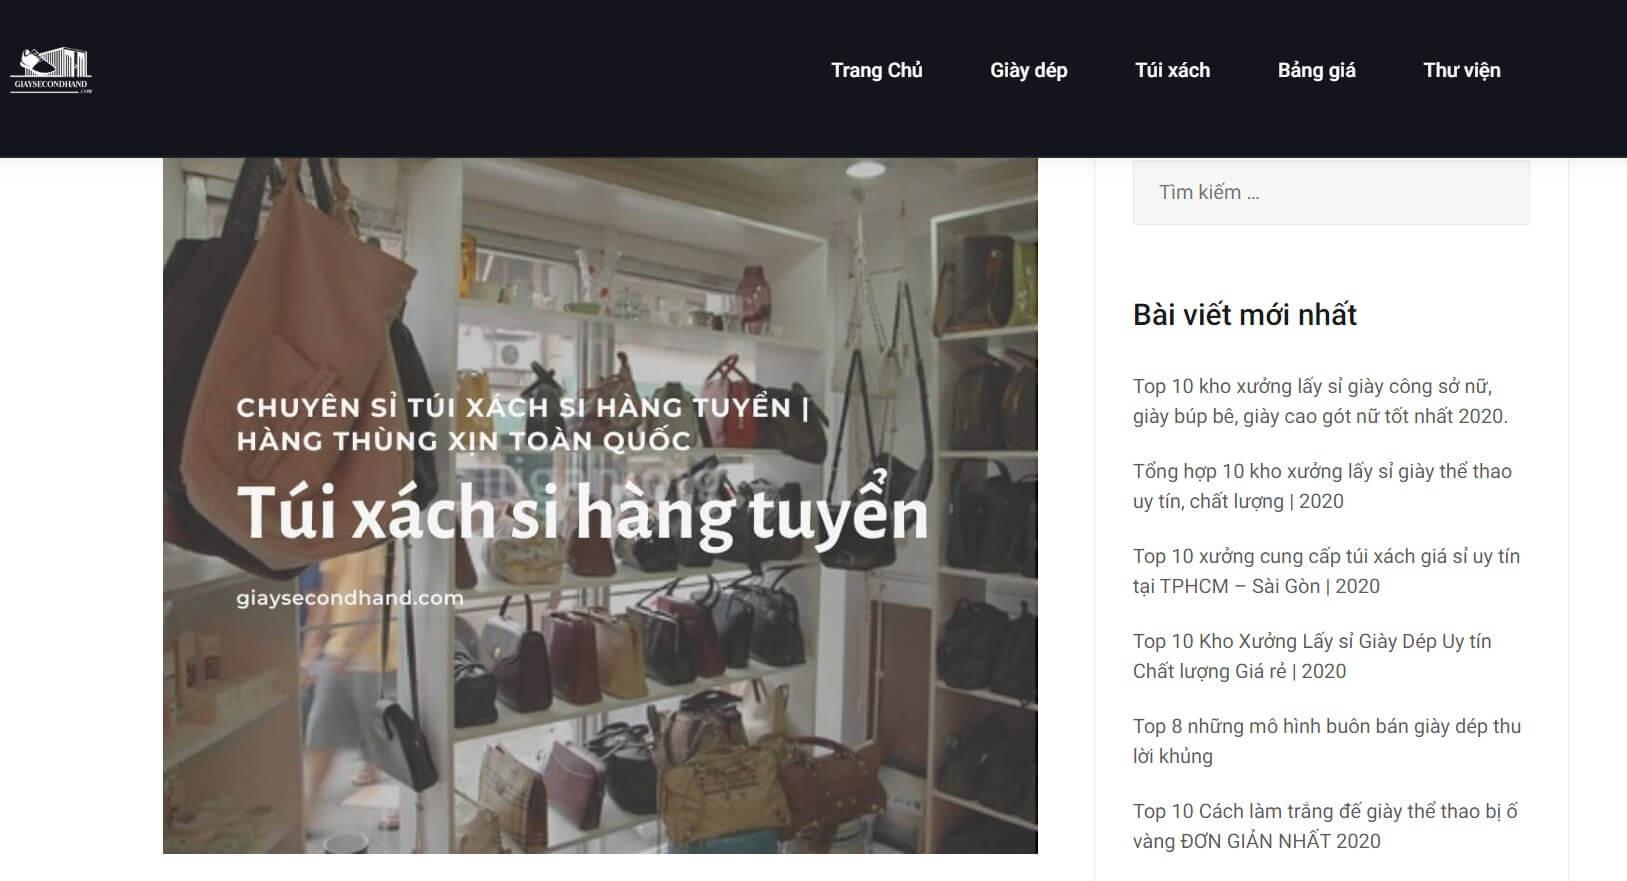 Hình ảnh của website giaysecond.com | Kho lấy sỉ giày, túi xách si hàng thùng